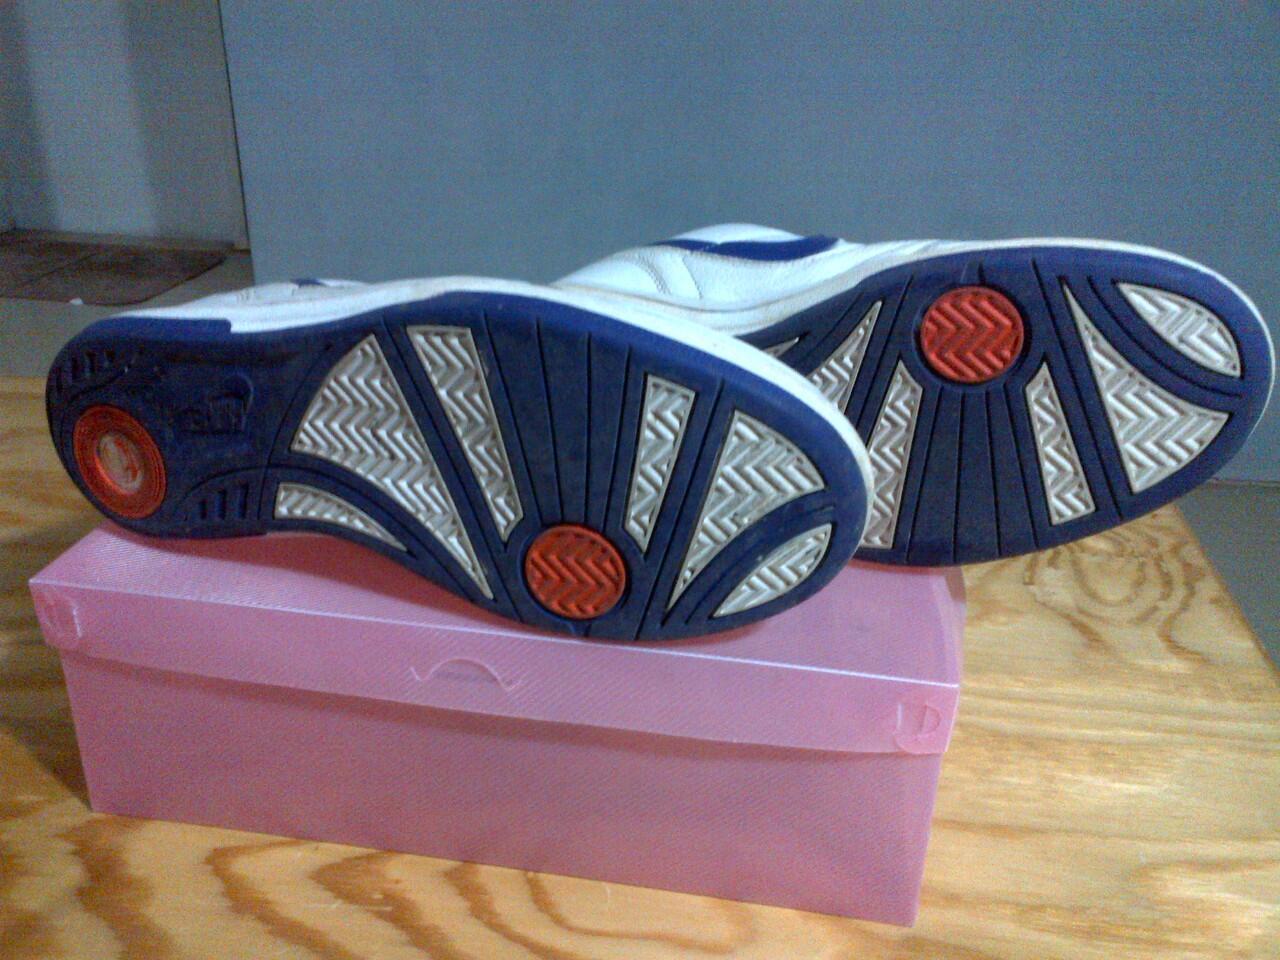 wts Nike cradle Rock size 42 MURAAAH!!